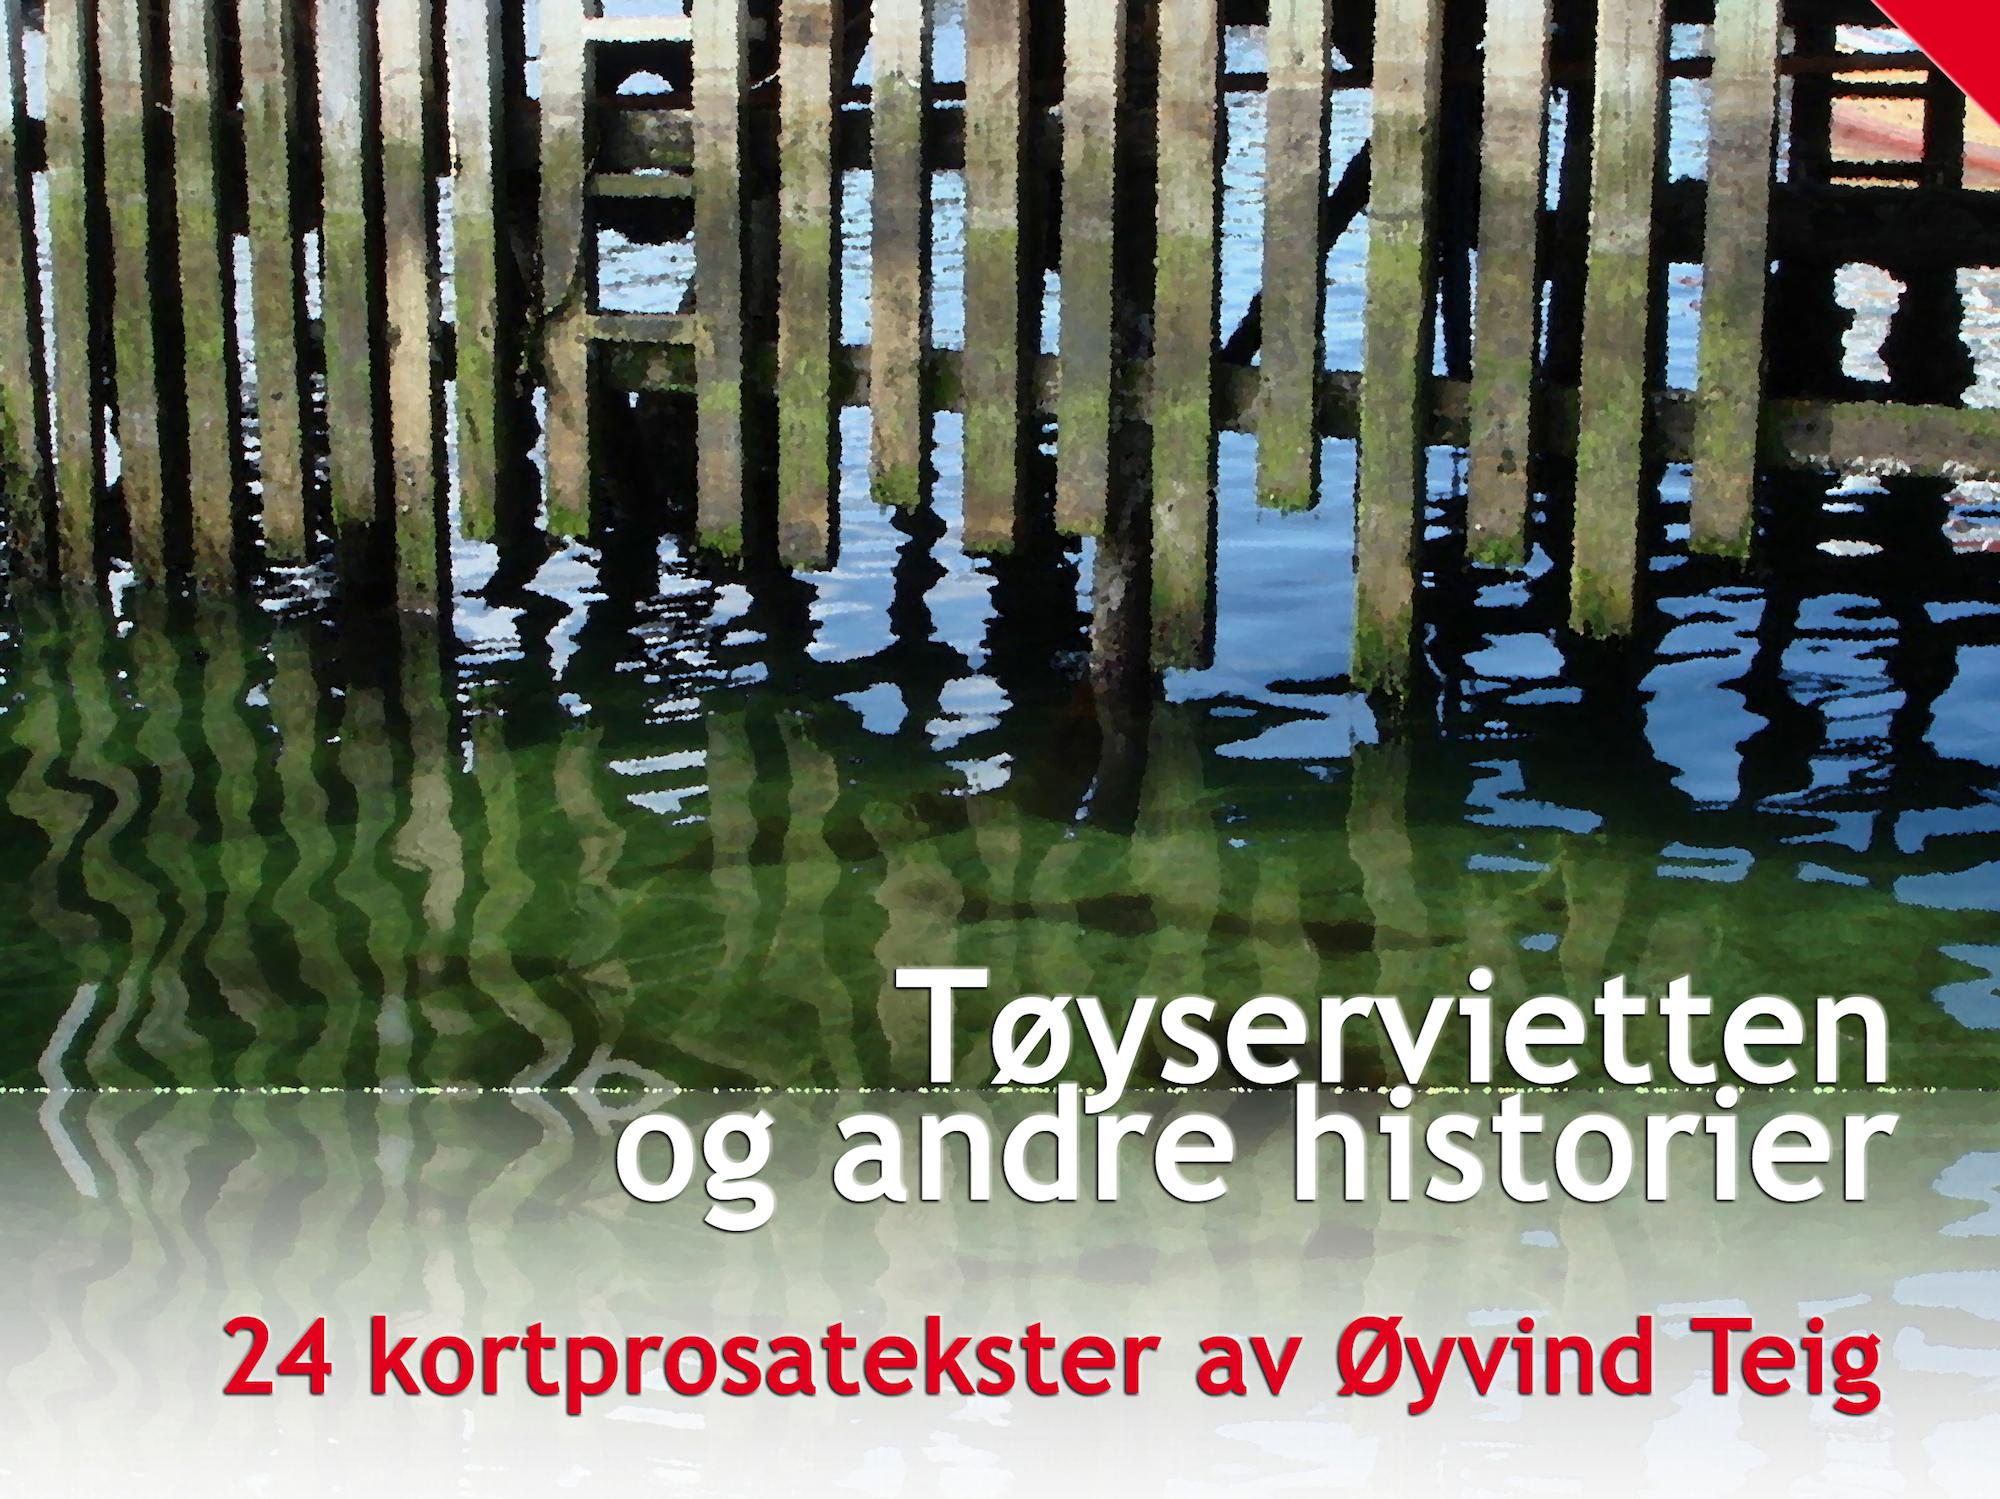 Tøyservietten og andre historier (2008)